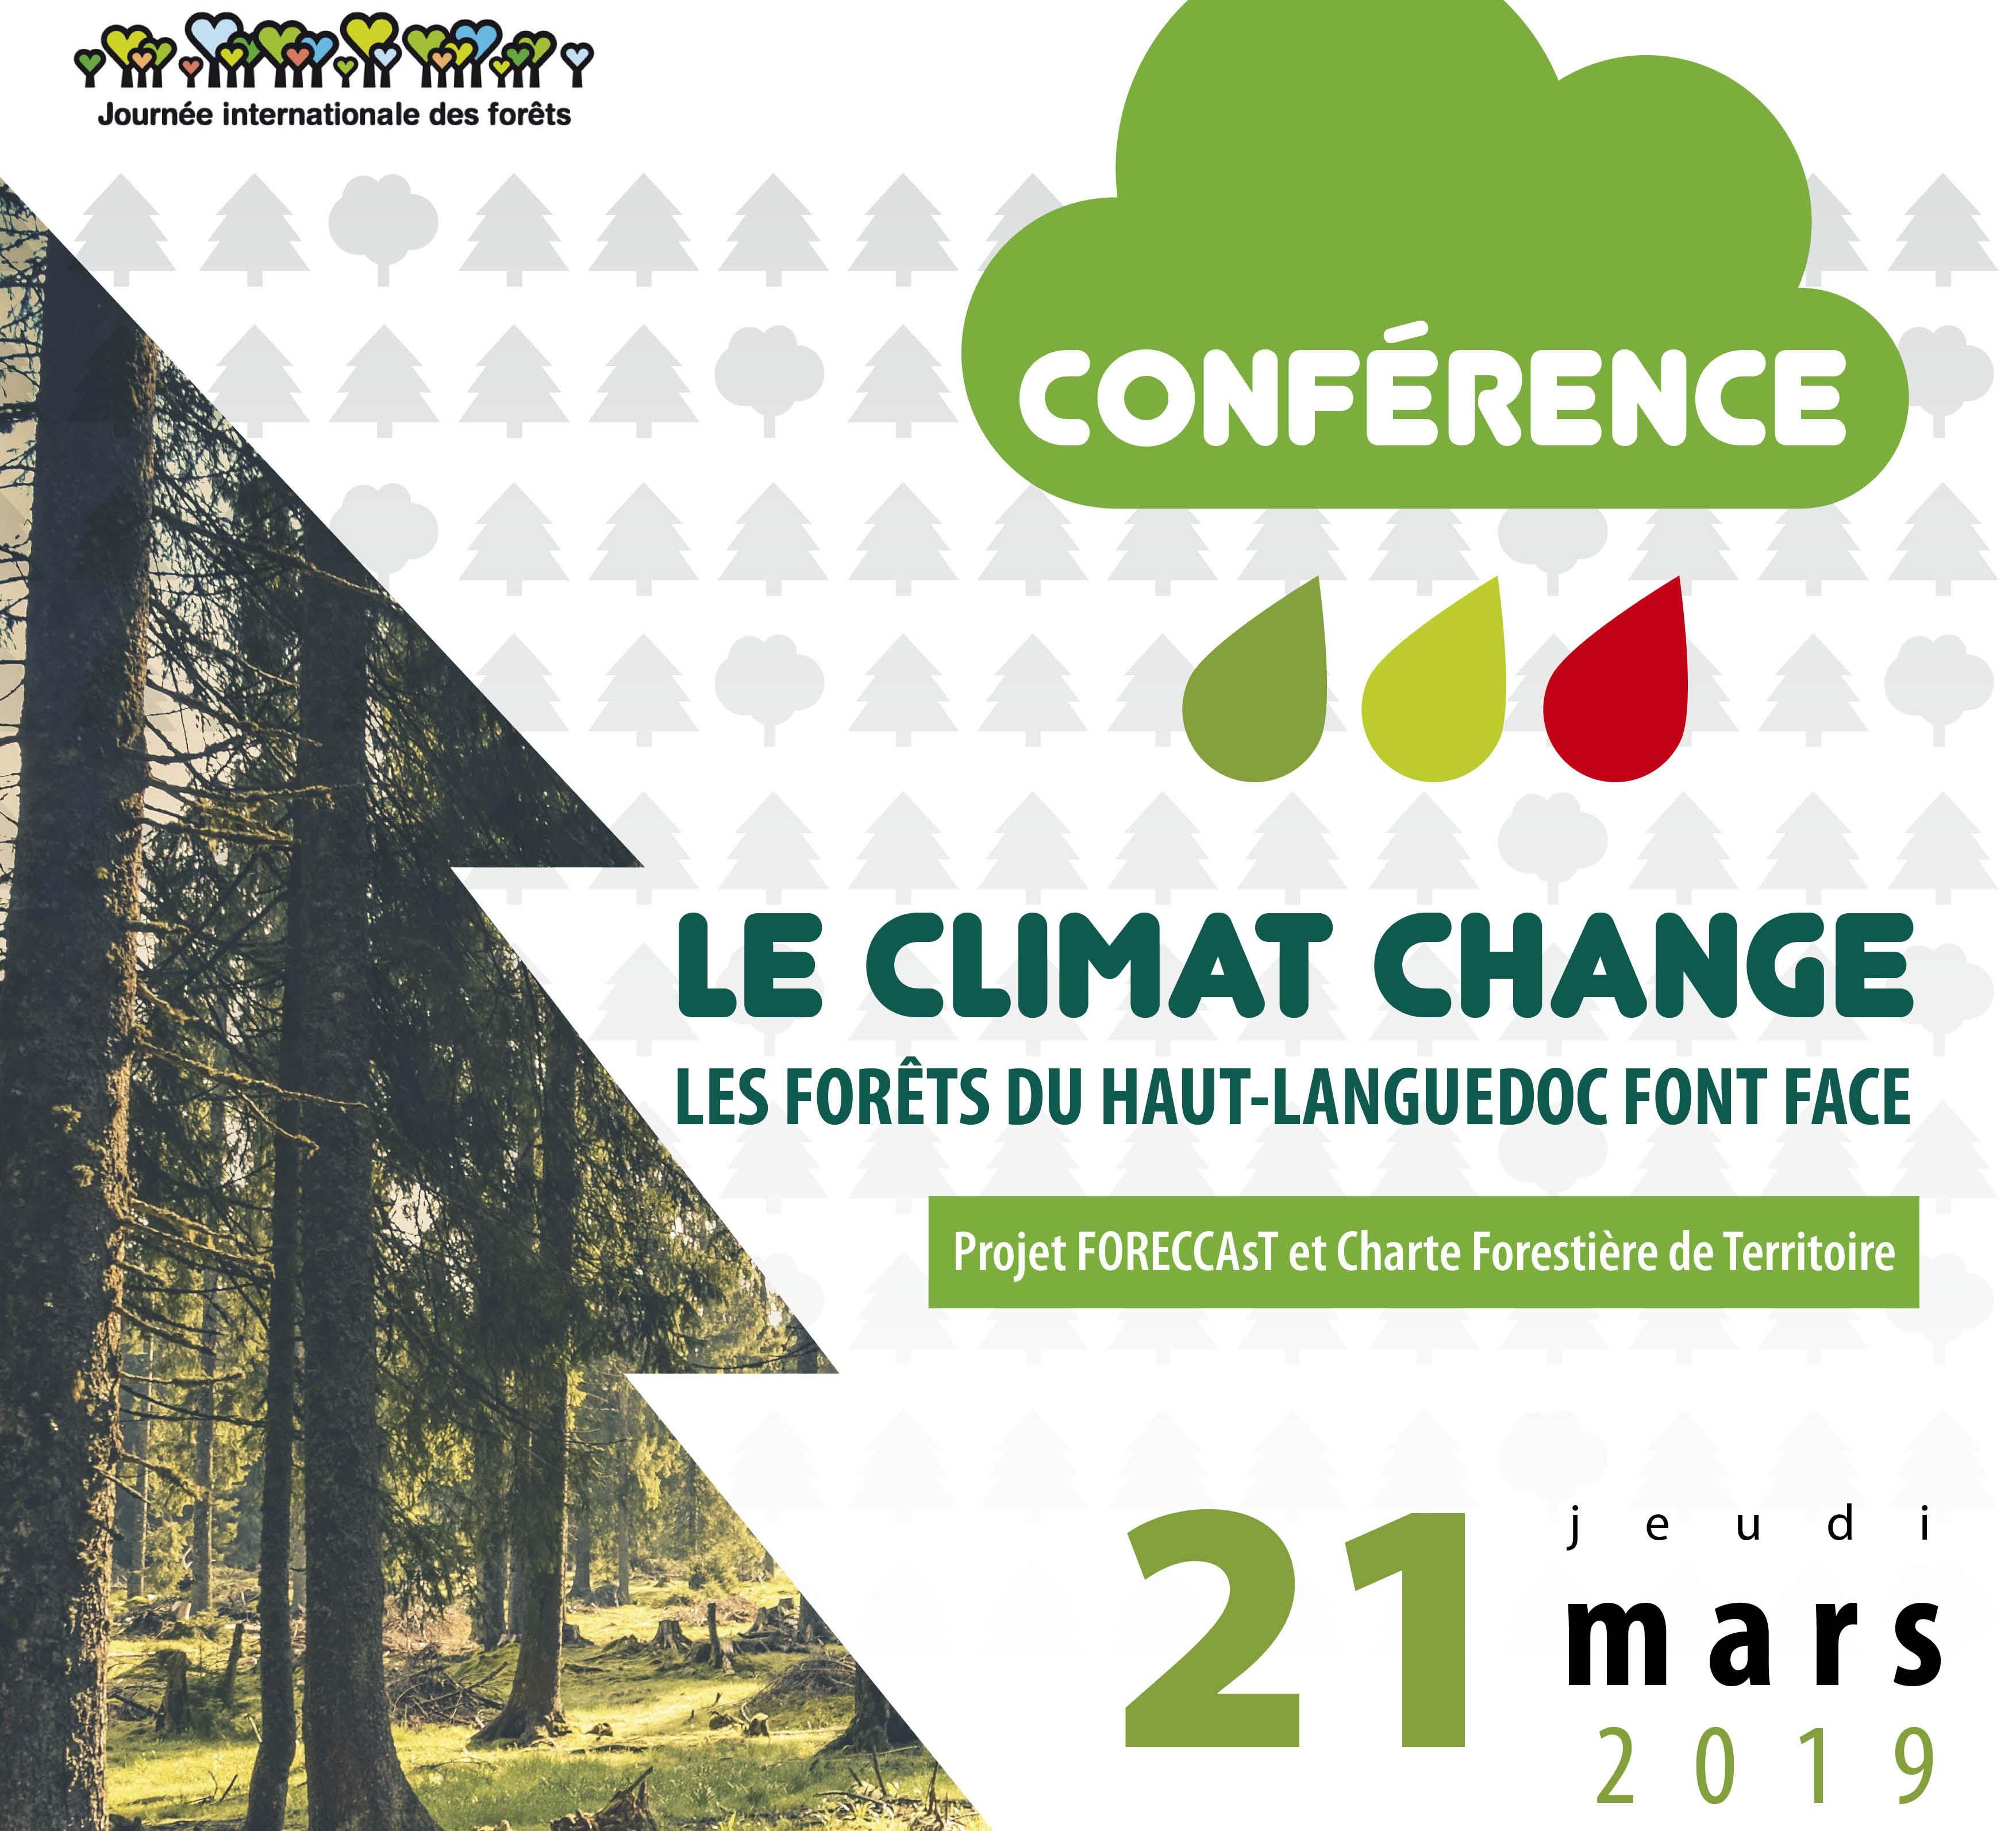 Vignette de la Conférence sur les Forêts pour Journée internationale des Forêts Pnr Haut-Languedoc